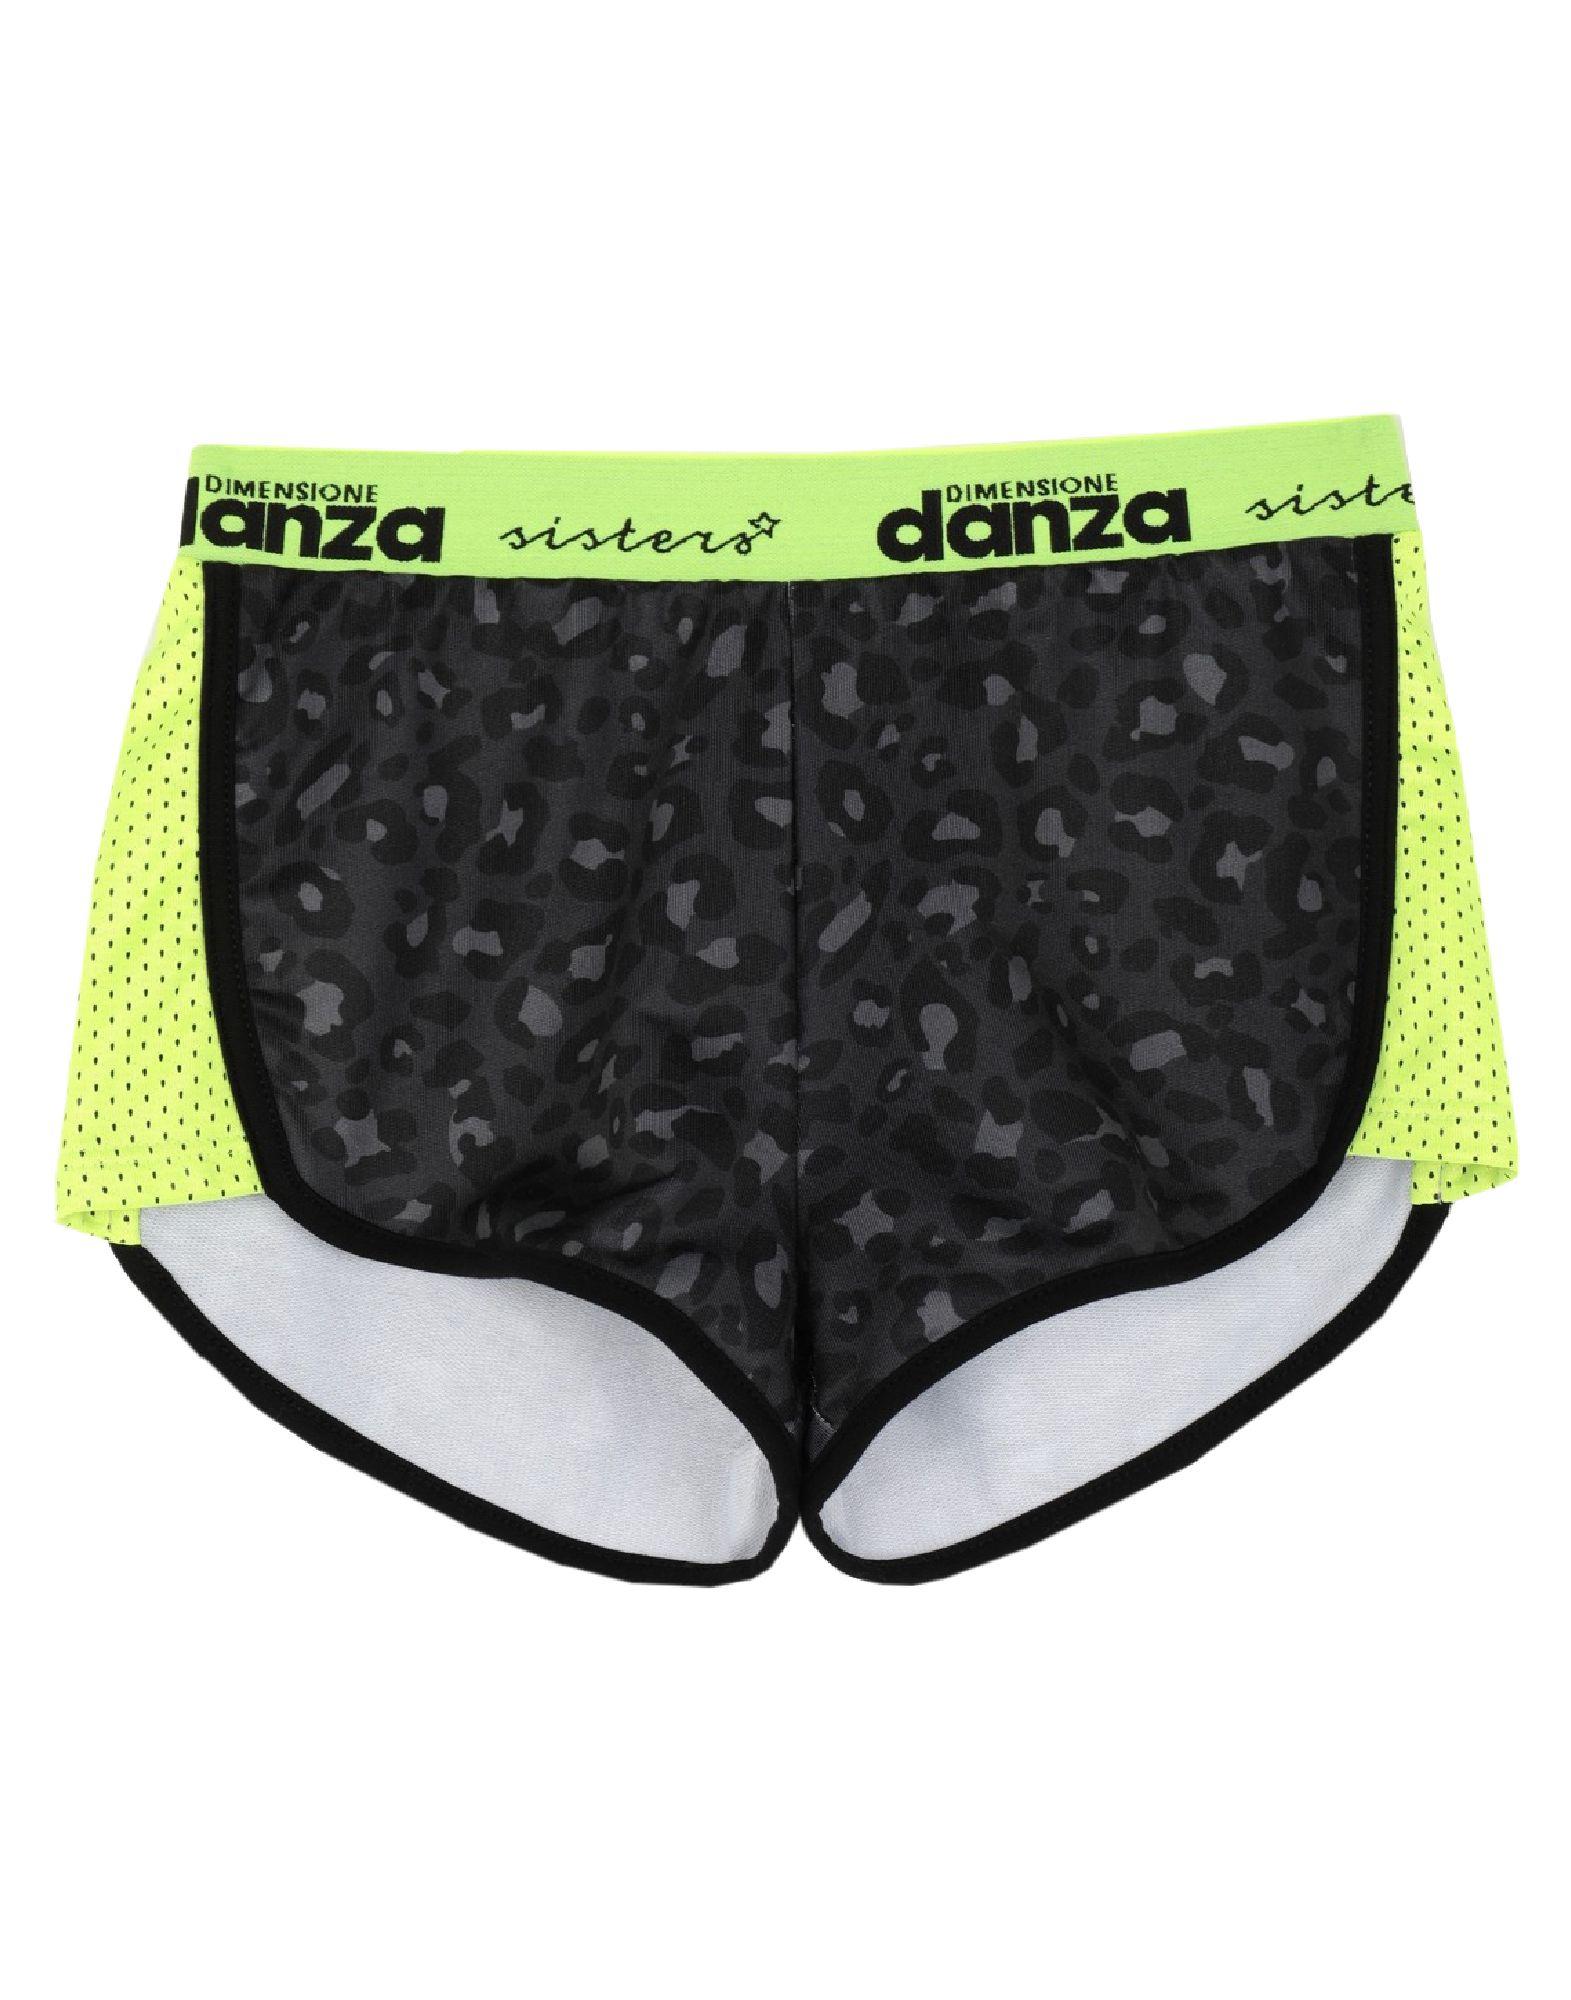 DIMENSIONE DANZA SISTERS Повседневные шорты dimensione danza повседневные брюки